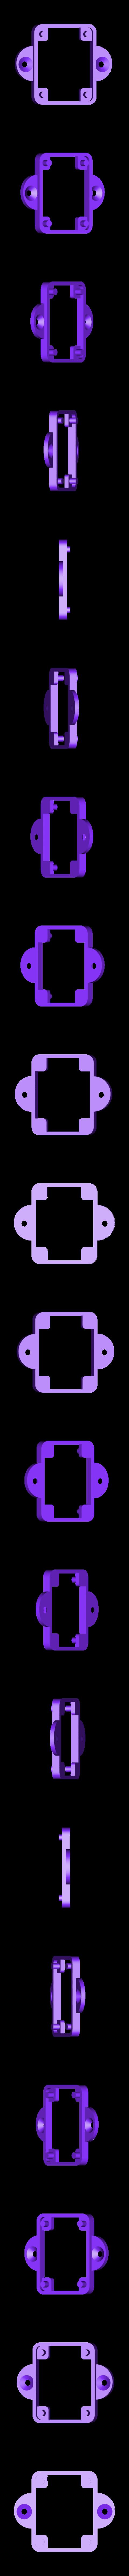 relay_holder.stl Télécharger fichier STL gratuit Plaque de montage pour le module relais Arduino • Plan à imprimer en 3D, glassy